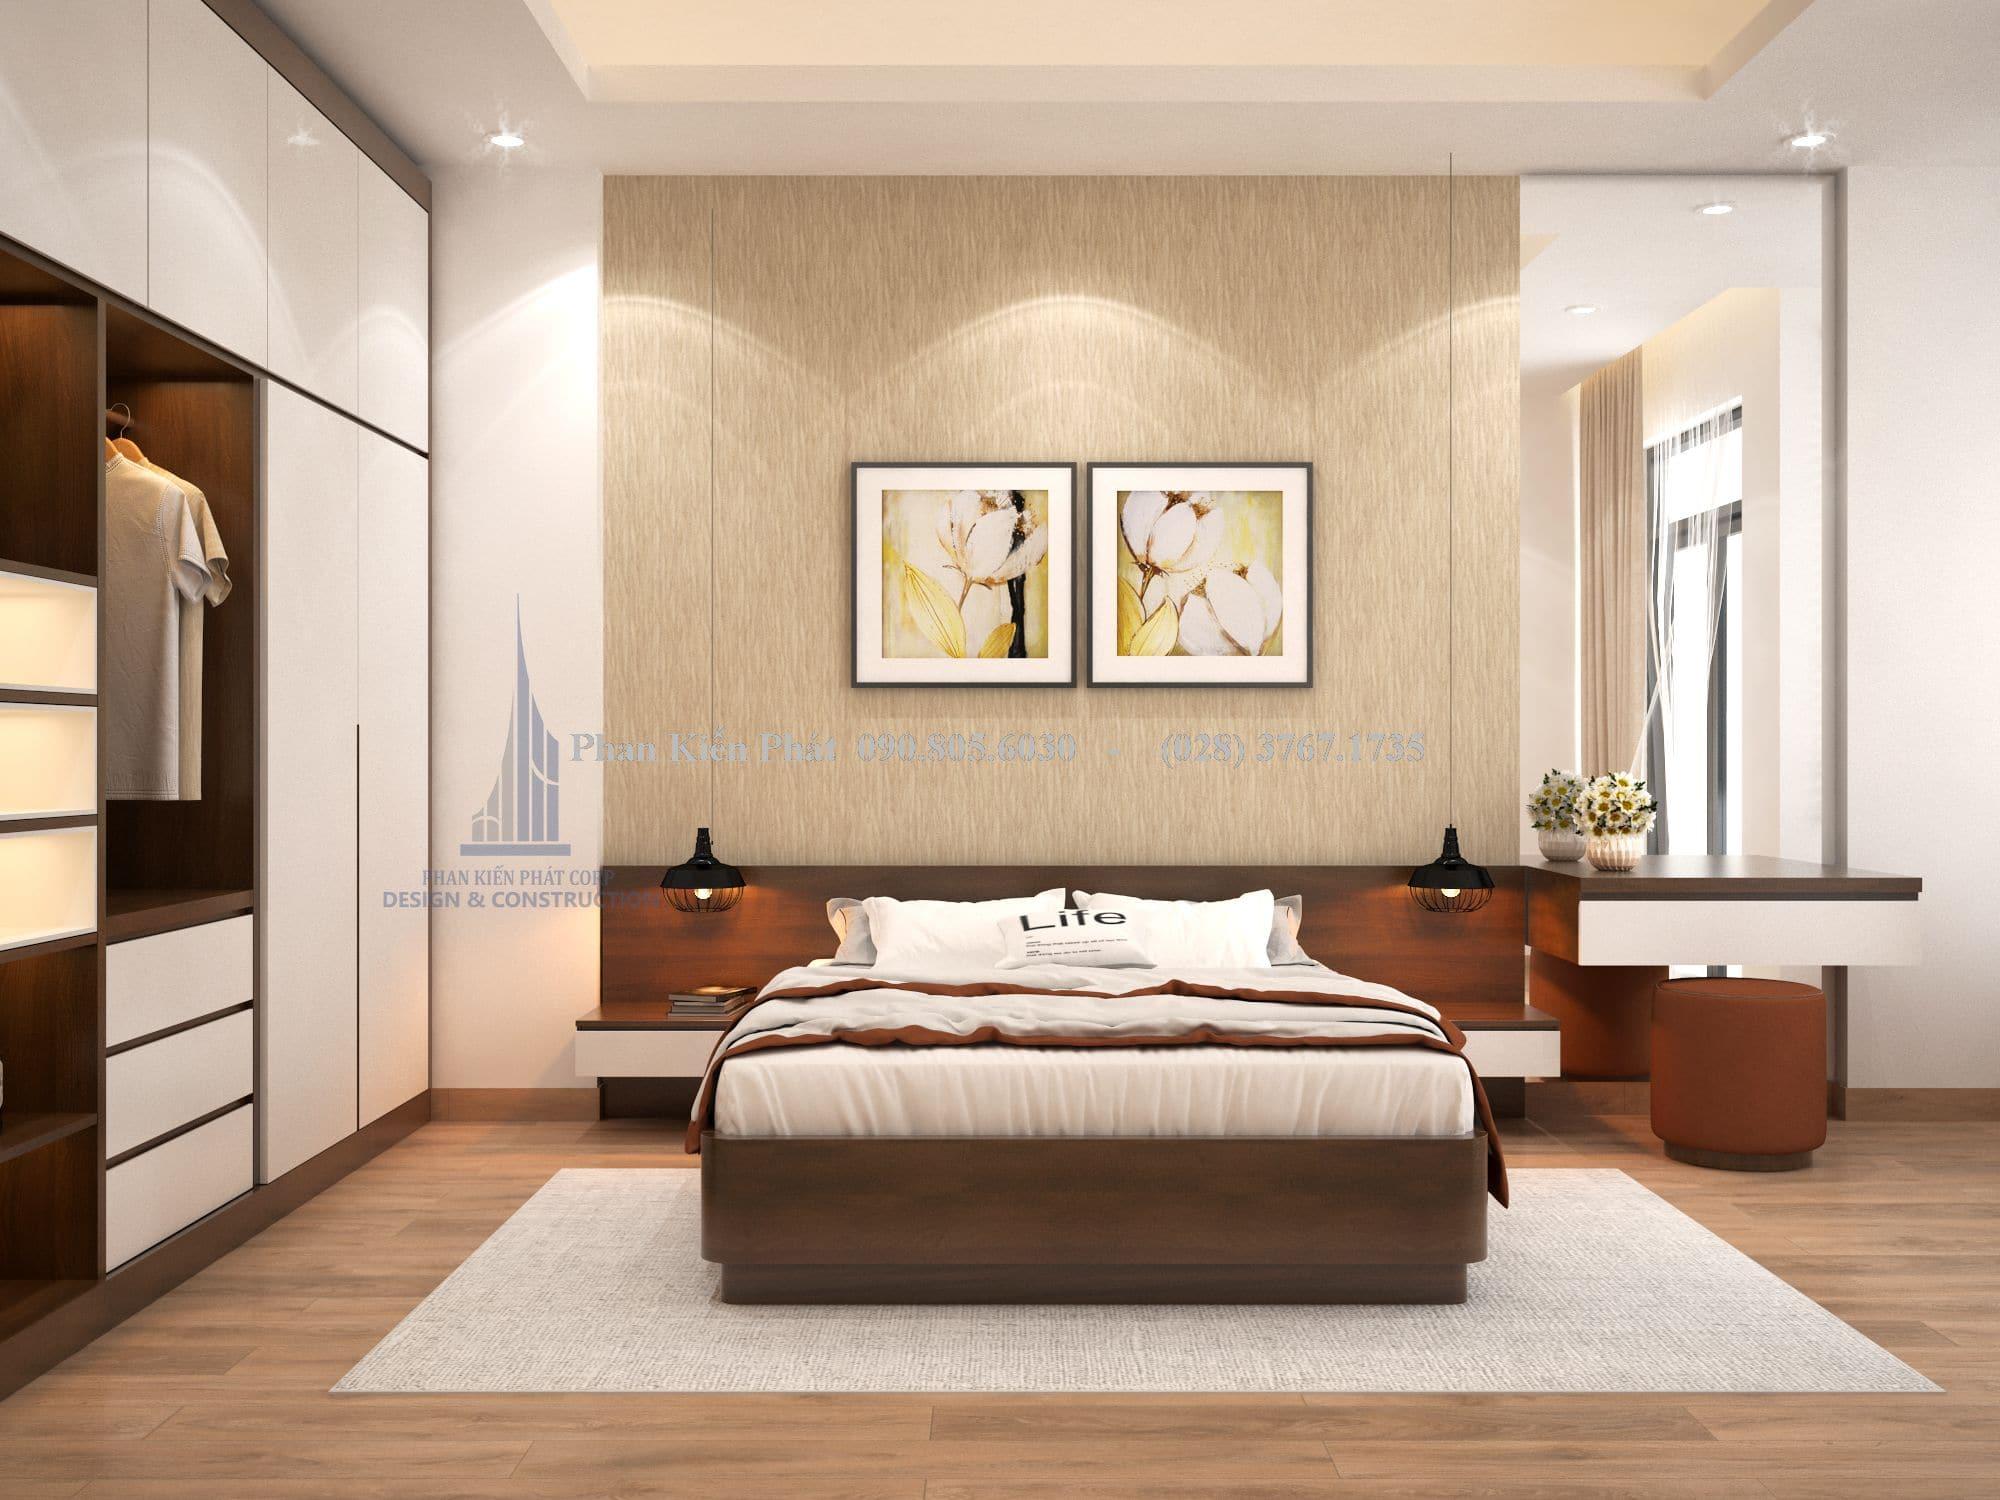 Sự bài trí đơn giản, căn phòng gọn gàng và yên tĩnh hơn